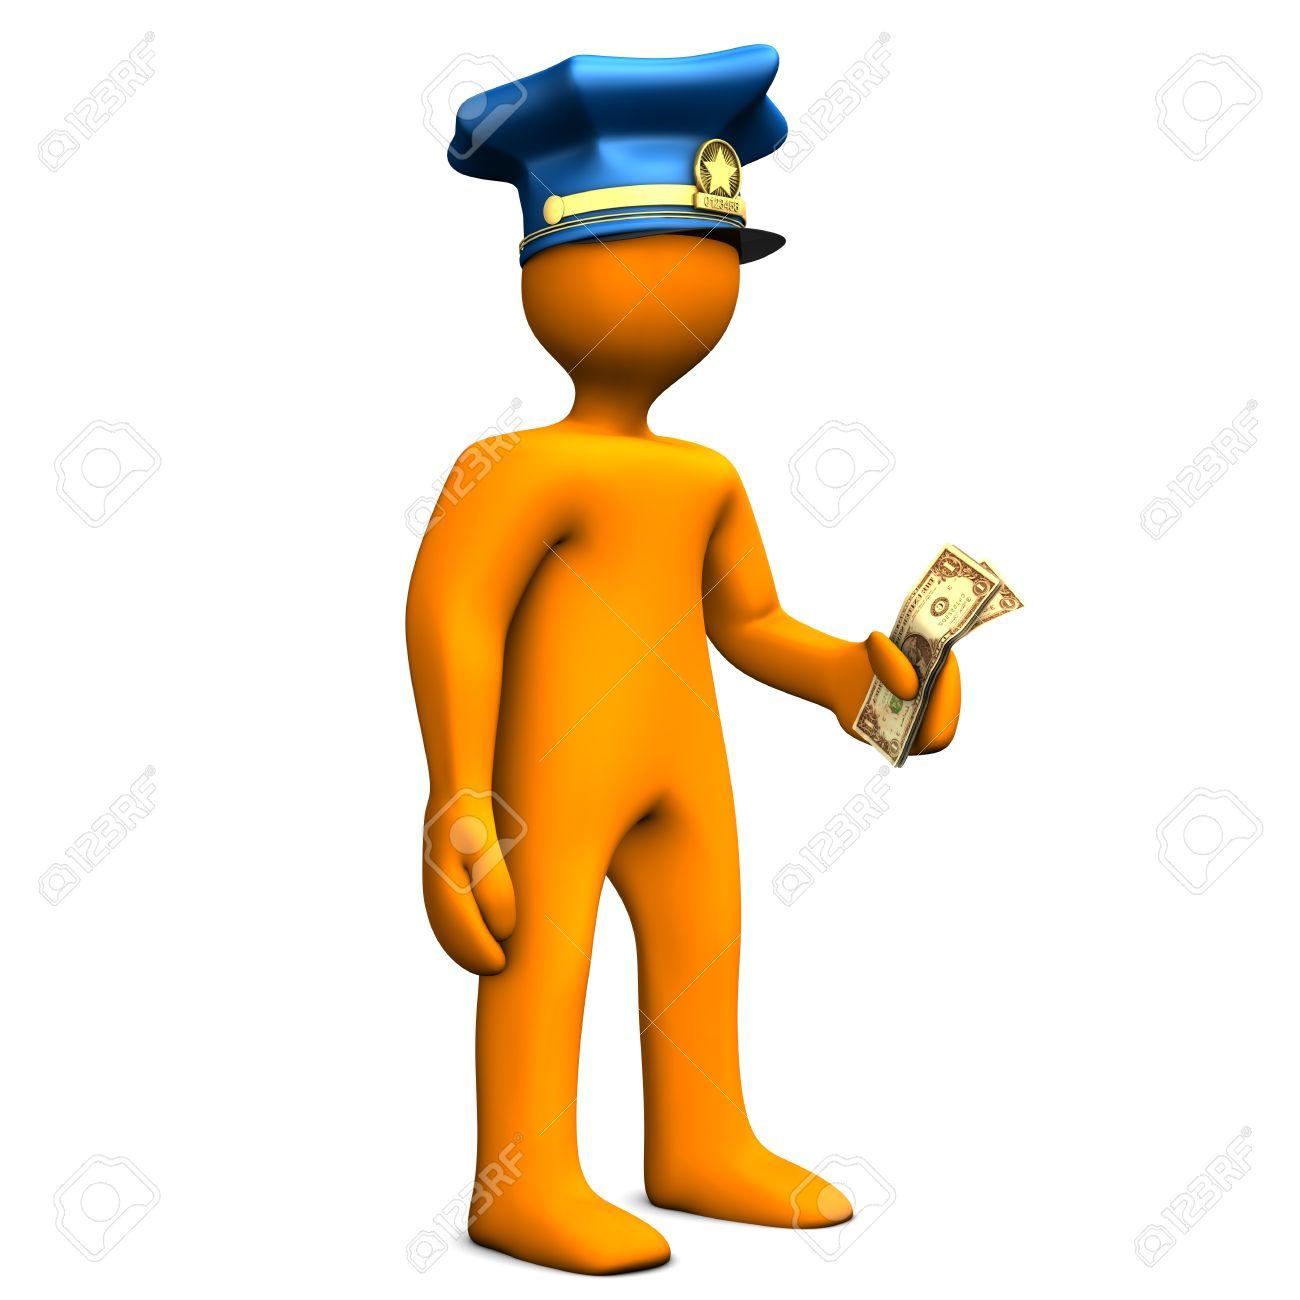 Banque d images - Dessin animé orange avec bonnet de police et de l argent  dans la main dbce5b0cd9a